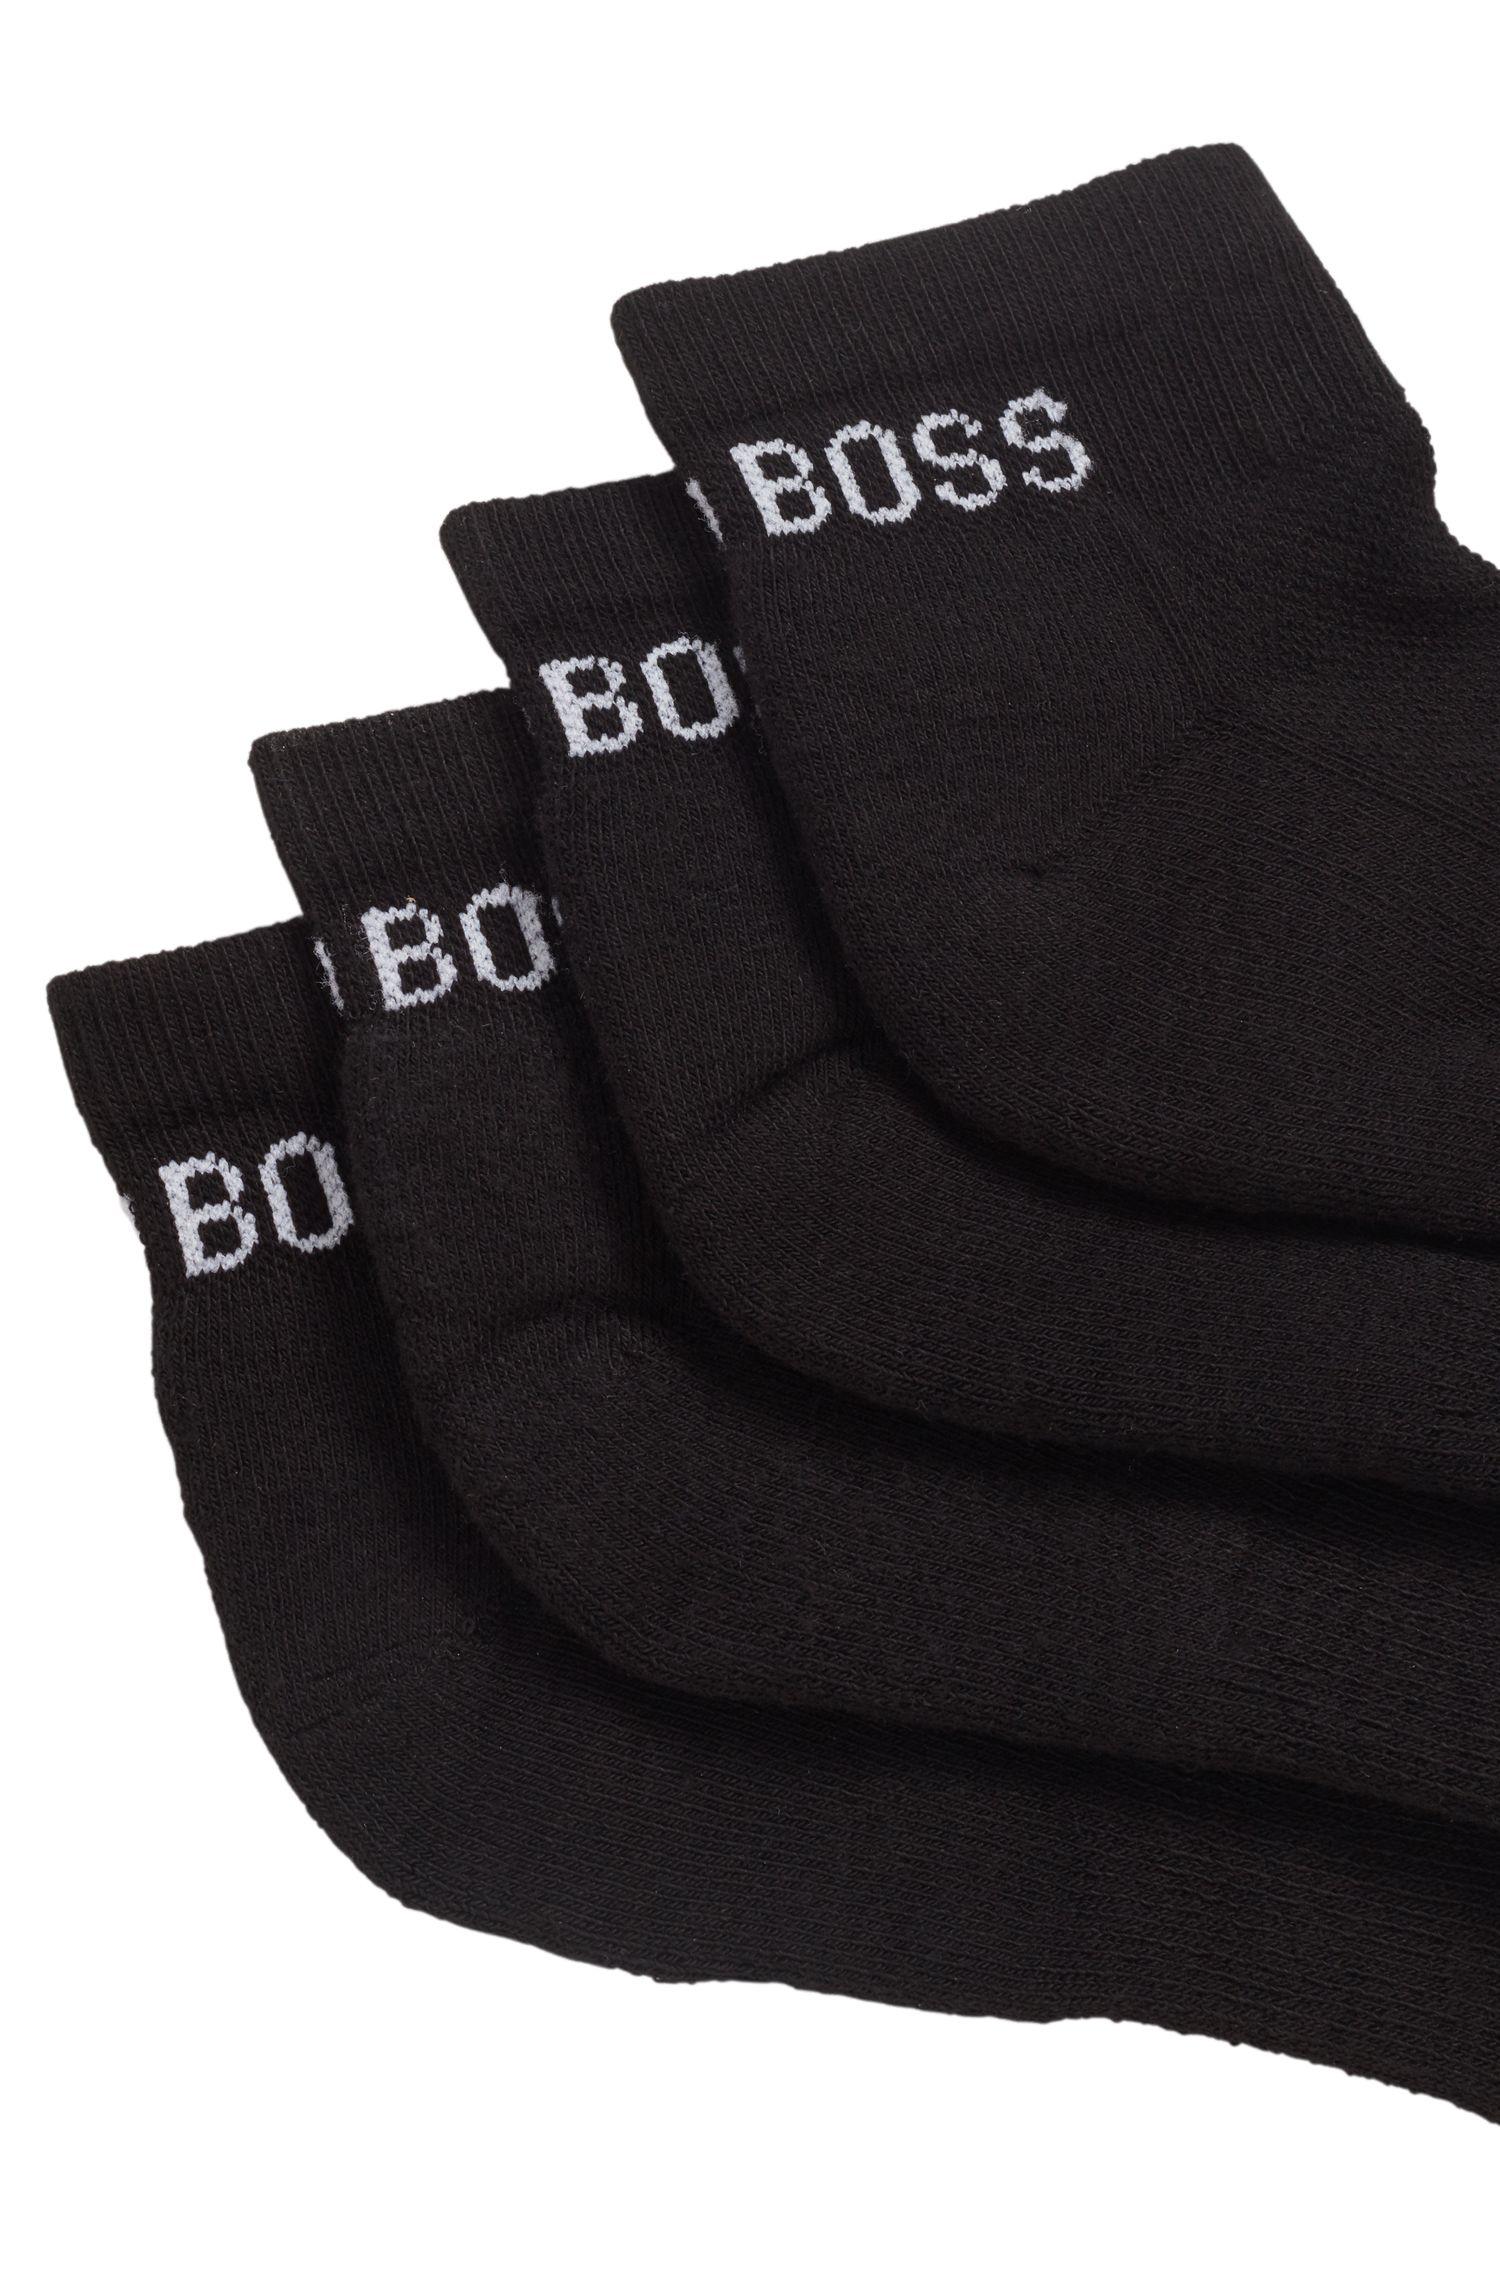 Socquettes basses en coton mélangé avec zones rembourrées, en lot de deux, Noir